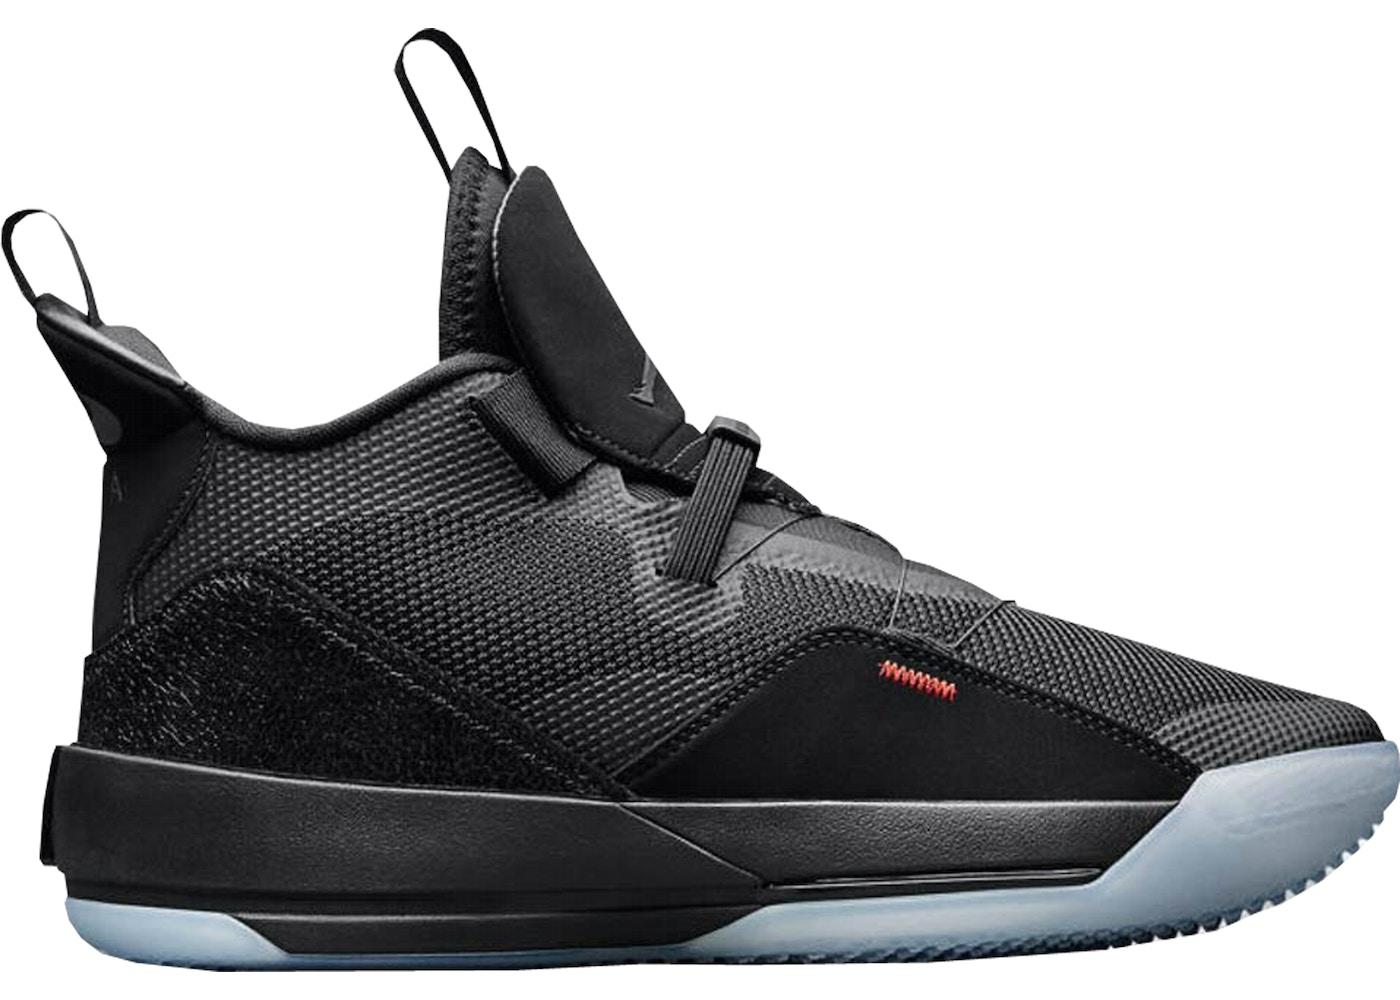 Jordan XXXIII Blackout - AQ8830-002 4a18a8e5b